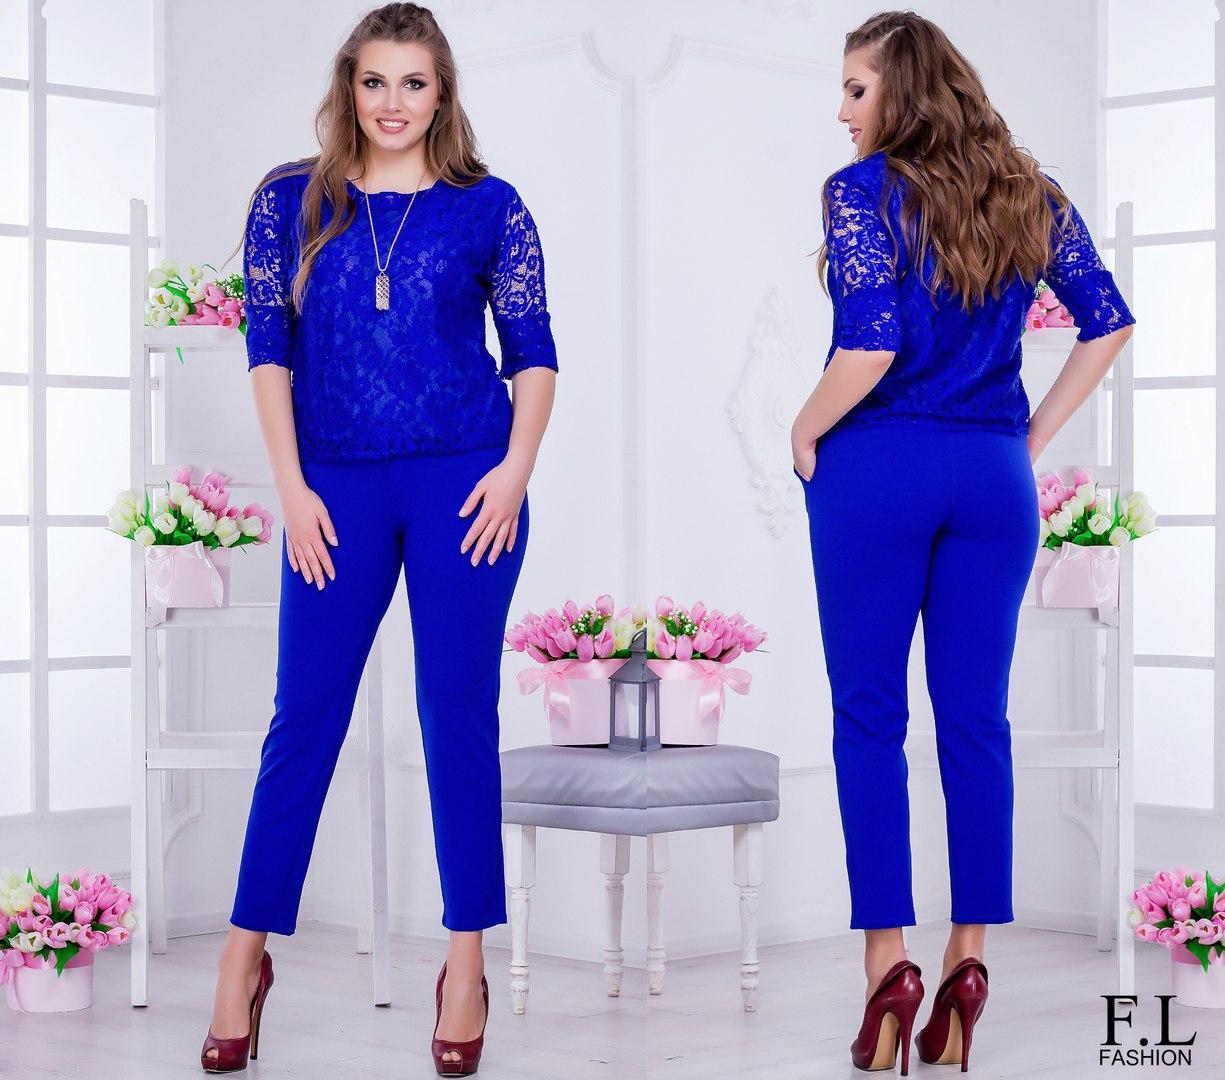 e6191d0255d Женский красивый нарядный костюм больших размеров. Блуза и брюки. Размеры  48-54 -